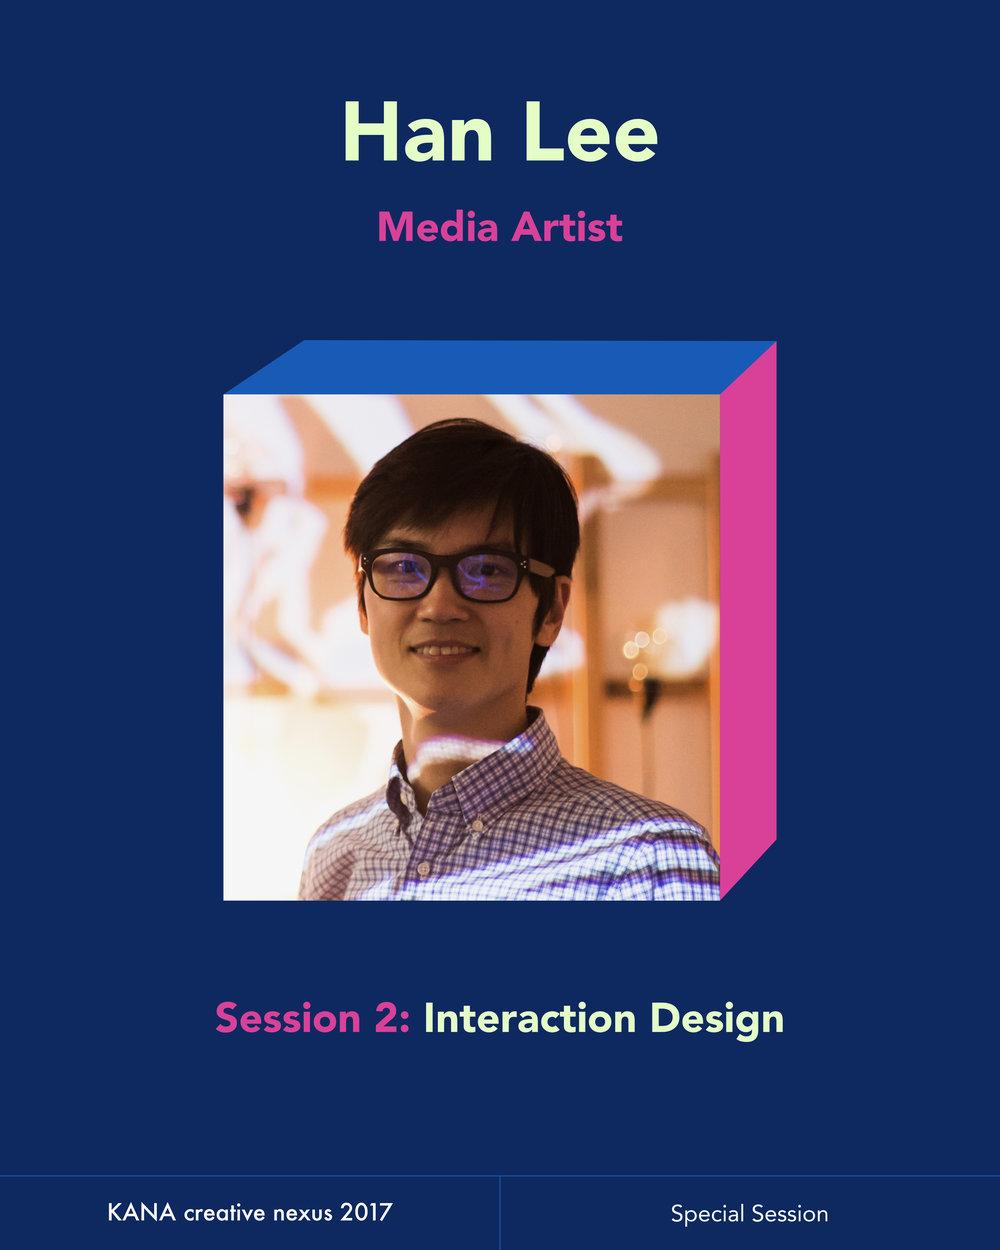 KANA_Social_Lecture_Han Lee_1.jpg